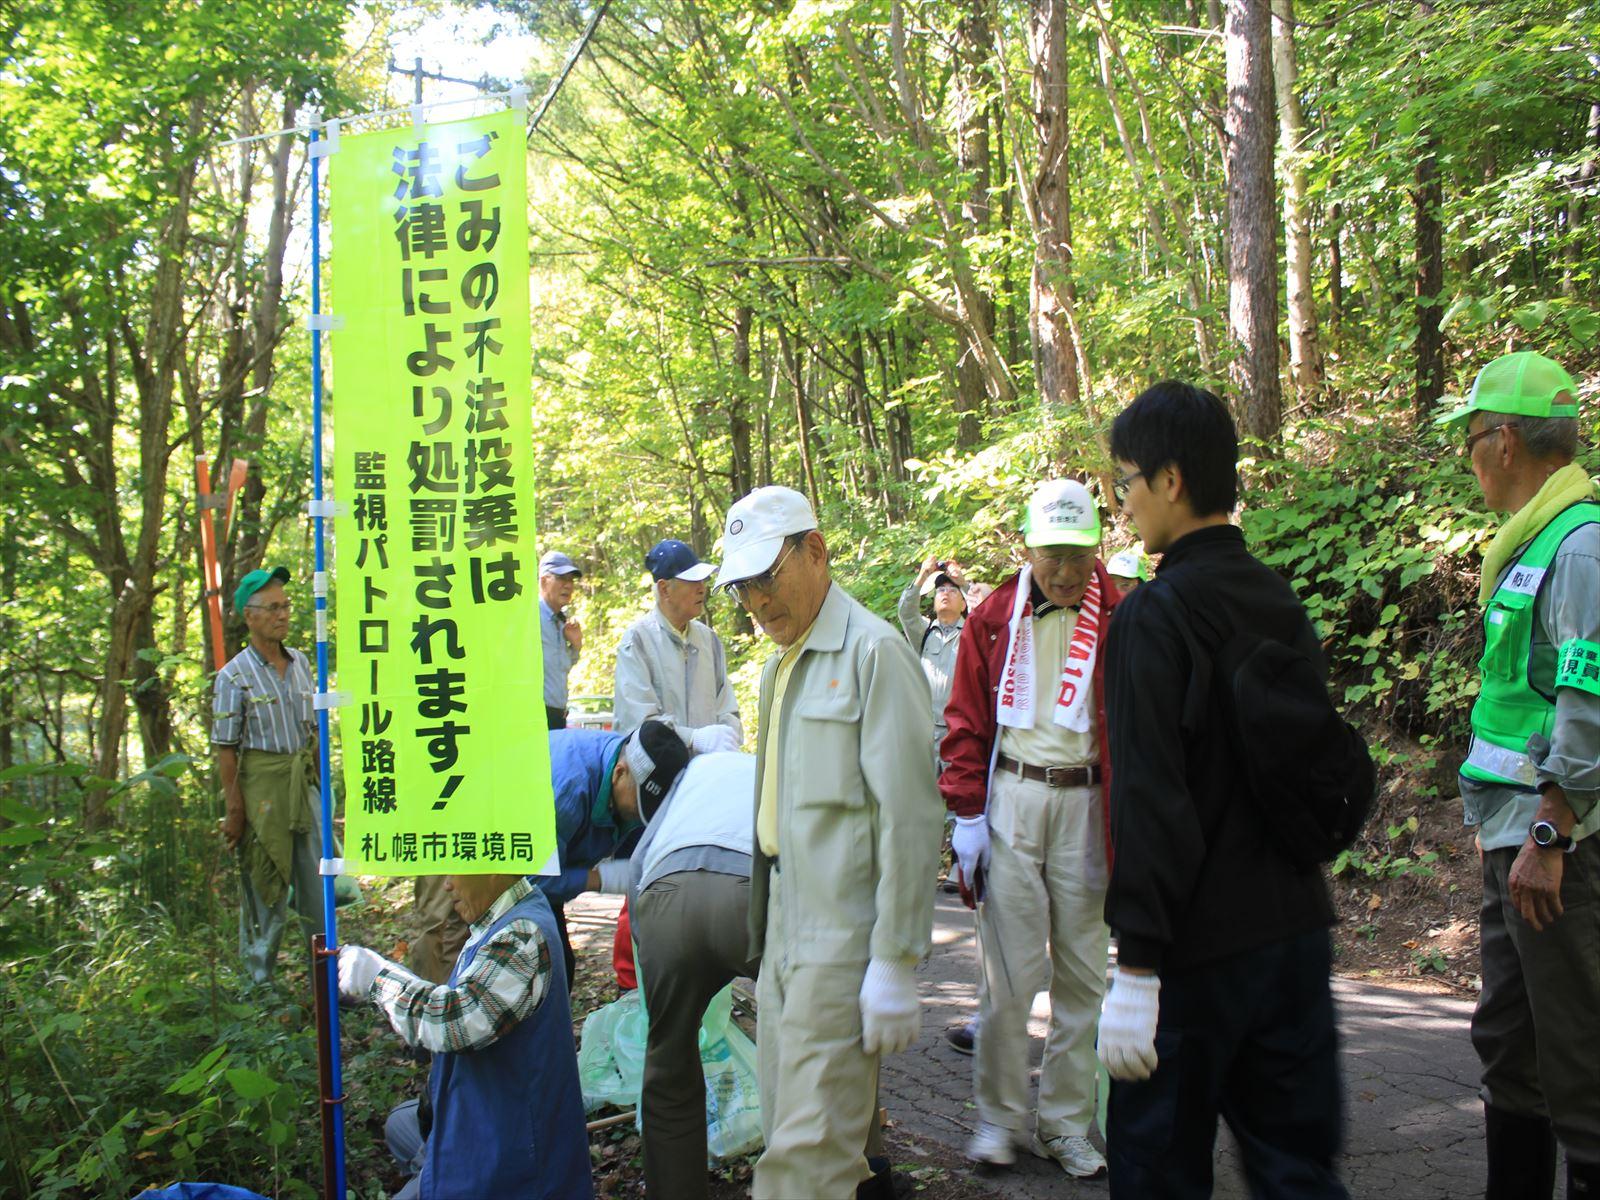 ゴミ不法投棄禁止ののぼりを立てる地域住民